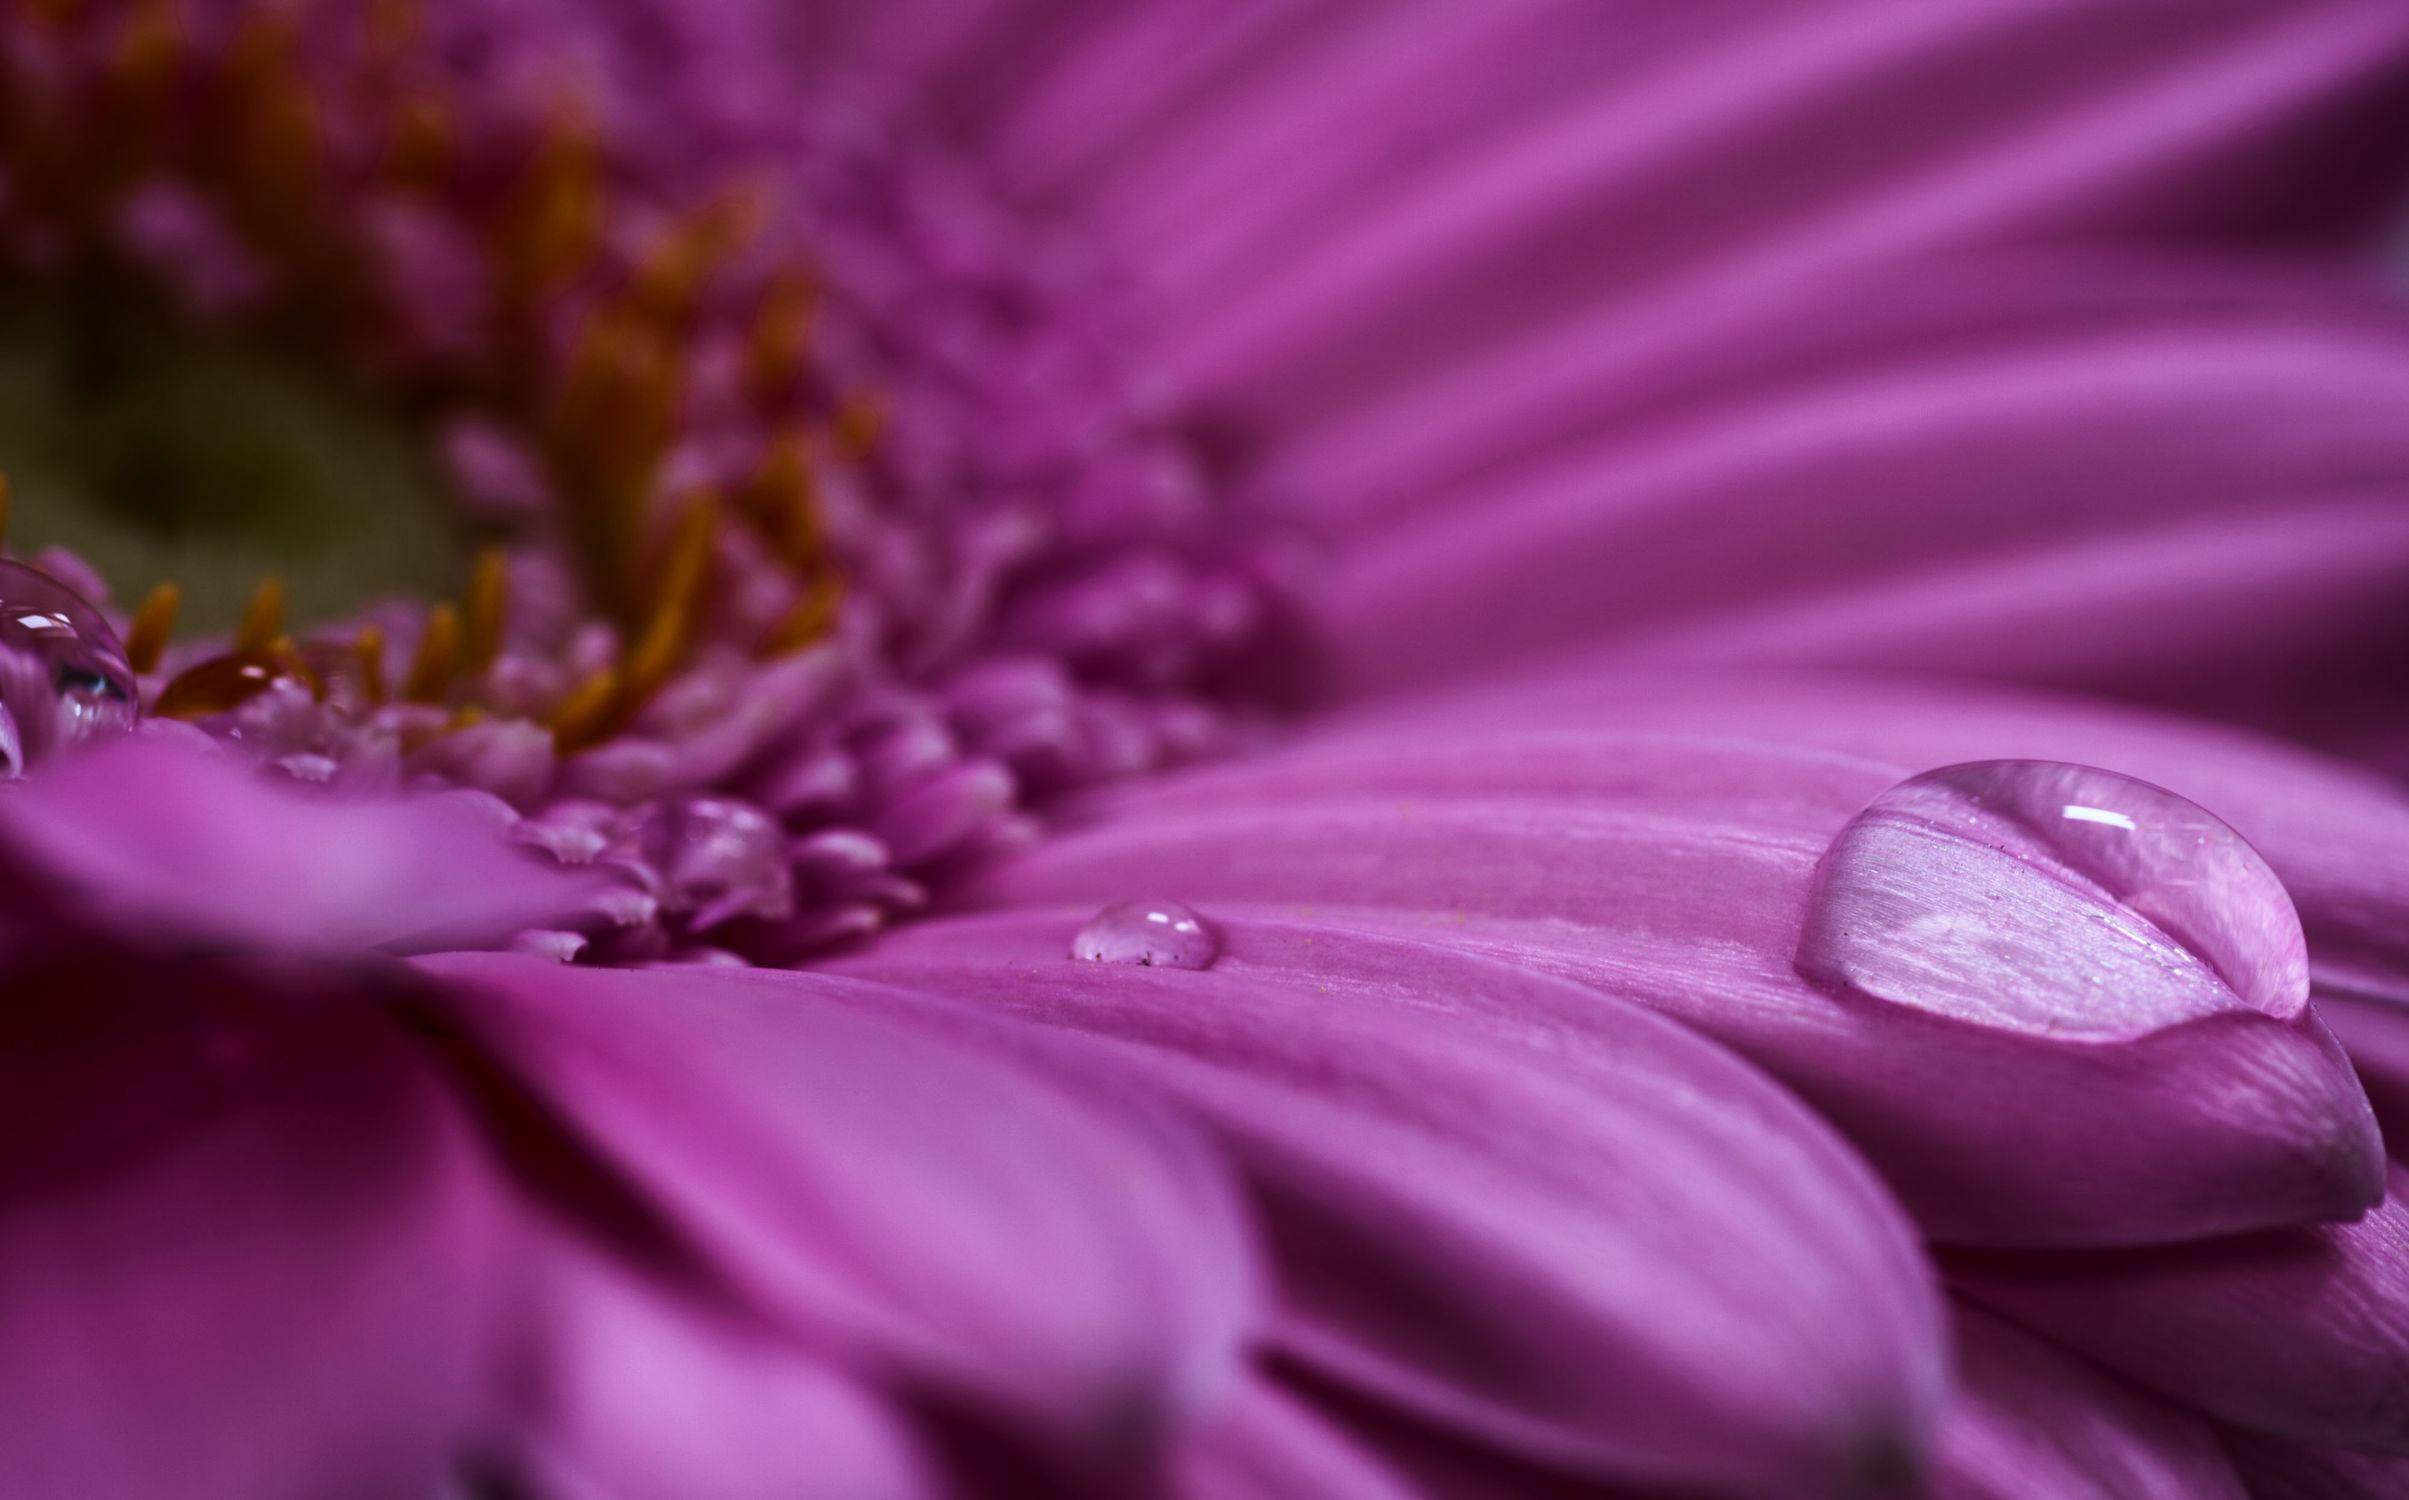 Bild mit Natur, Wasser, Pflanzen, Pflanzen, Blumen, Gerberas, Blume, Gerbera, Tropfen, Blüten, blüte